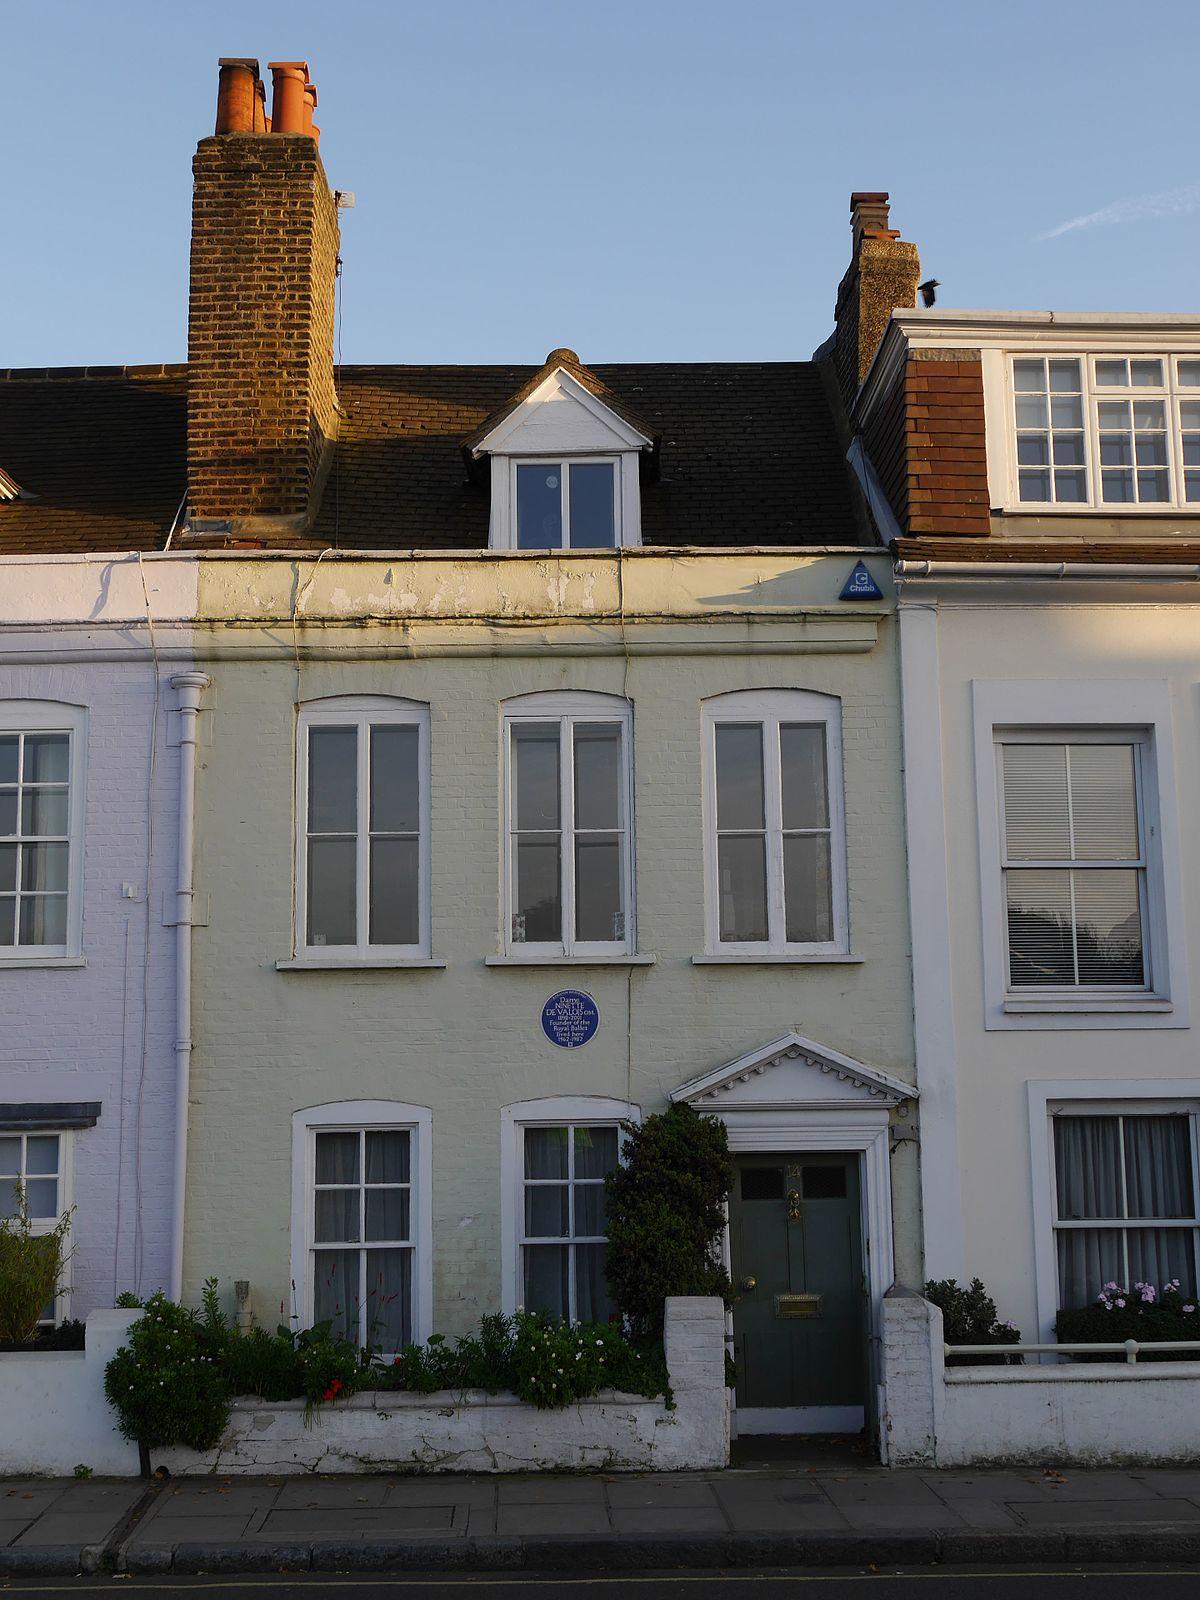 14 The Terrace, Barnes - Wikipedia